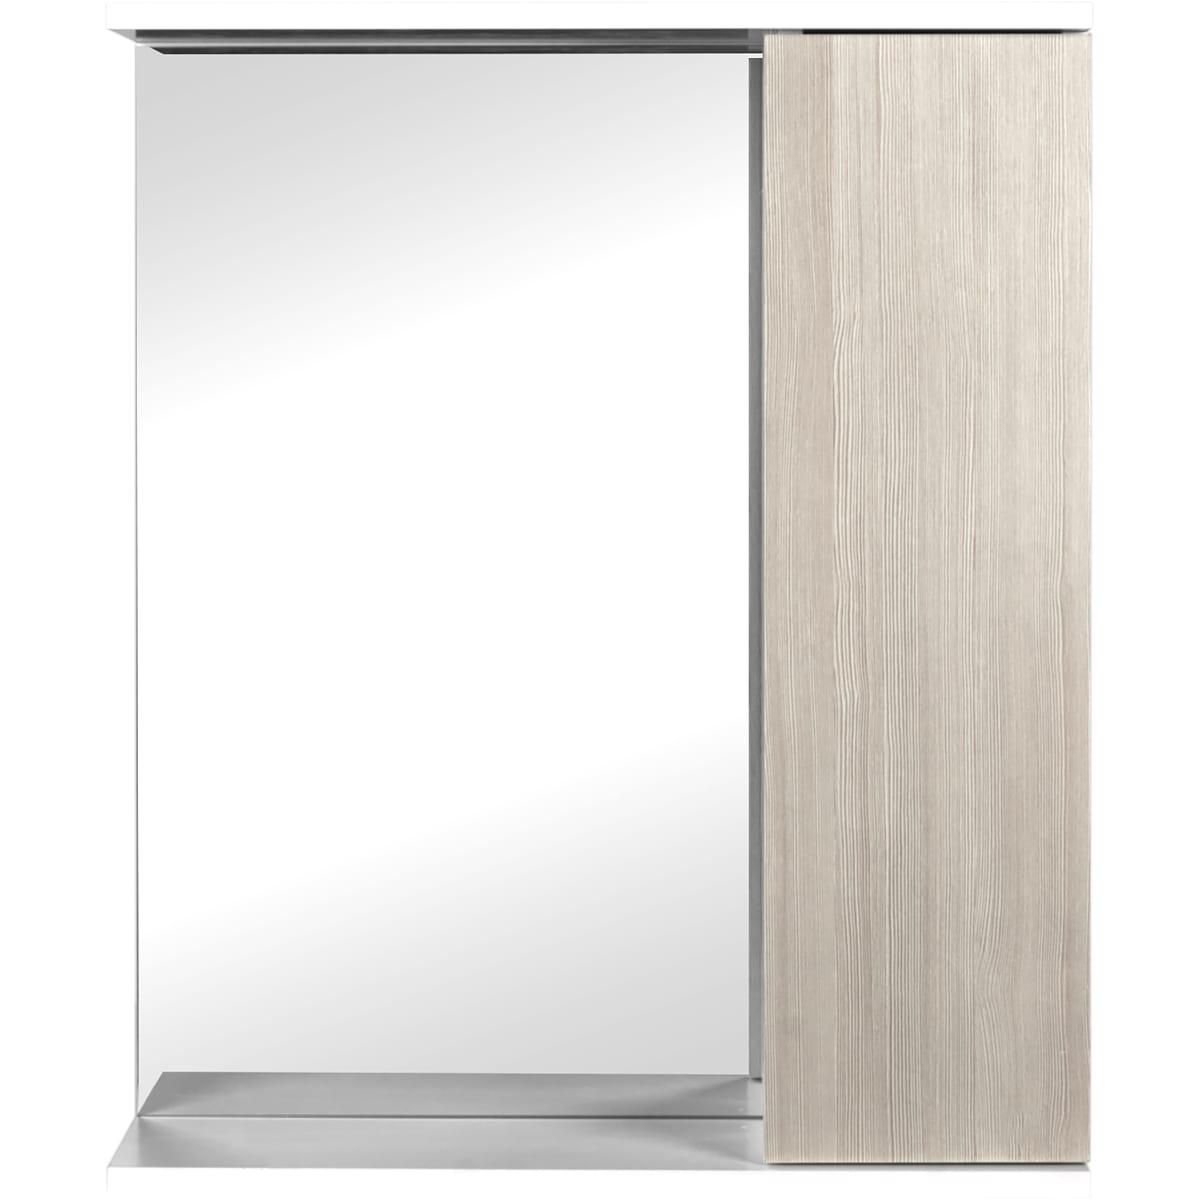 Шкаф зеркальный подвесной «Эстер» 60x75 см цвет бежевый